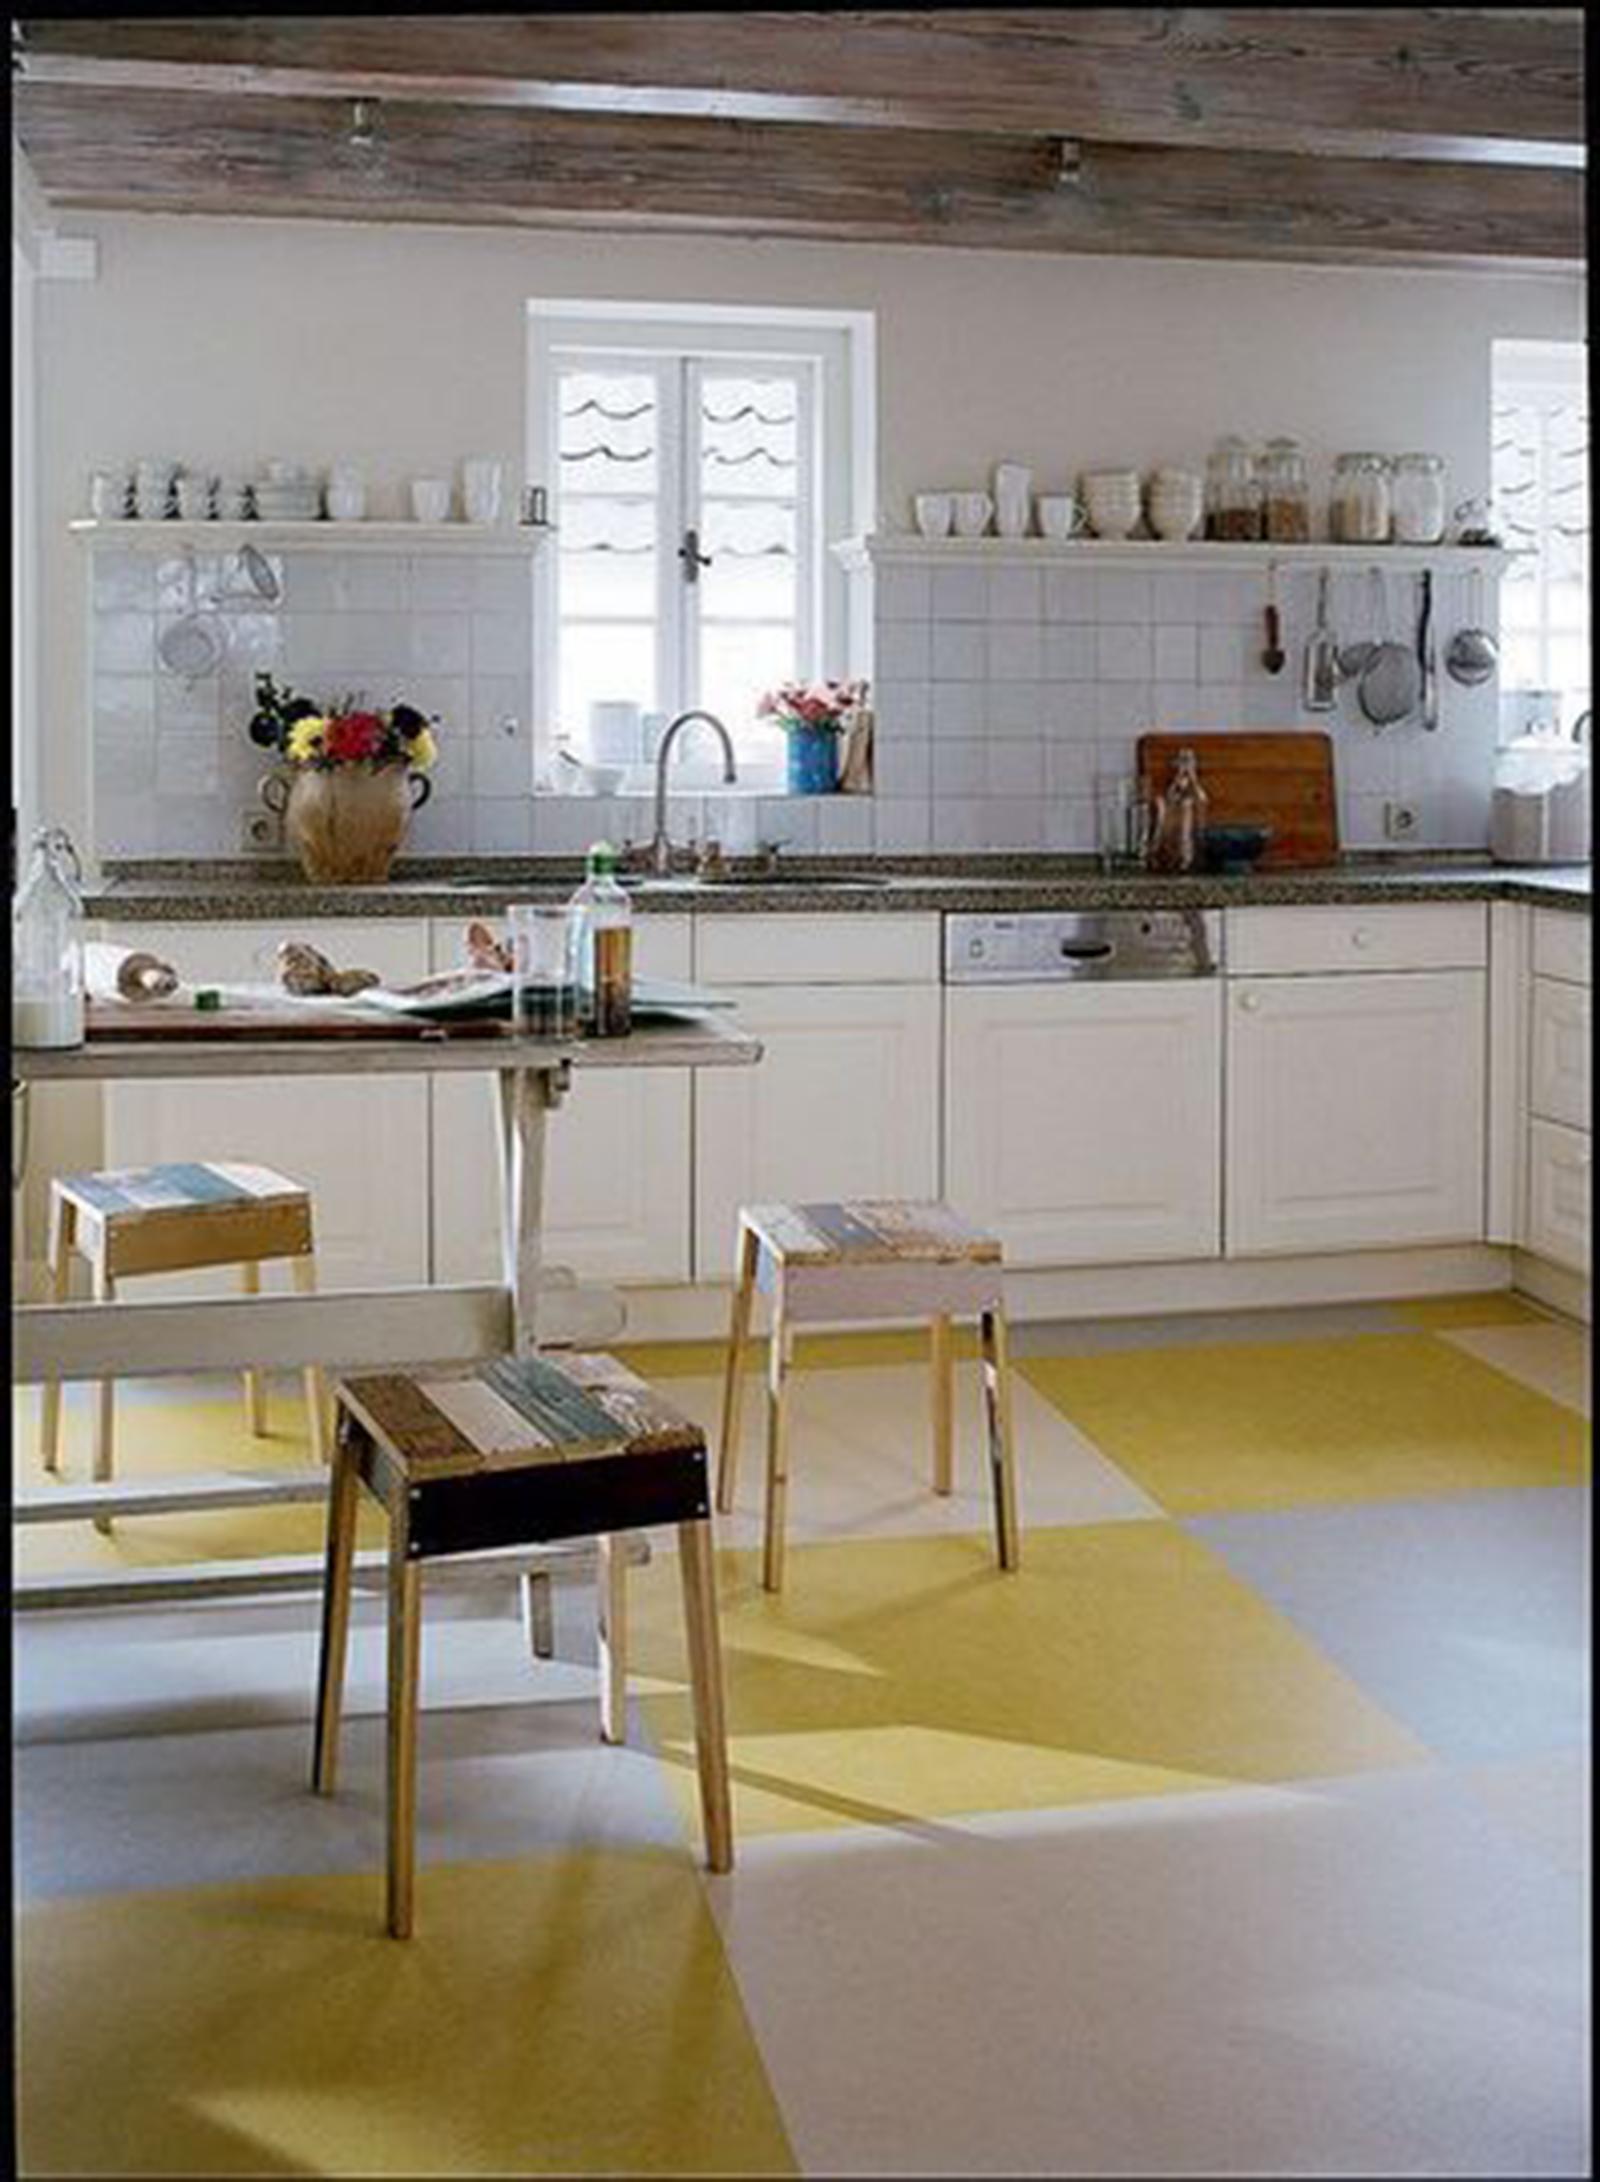 Revetement sol cuisine forbo viving - Revetement de sol cuisine ...